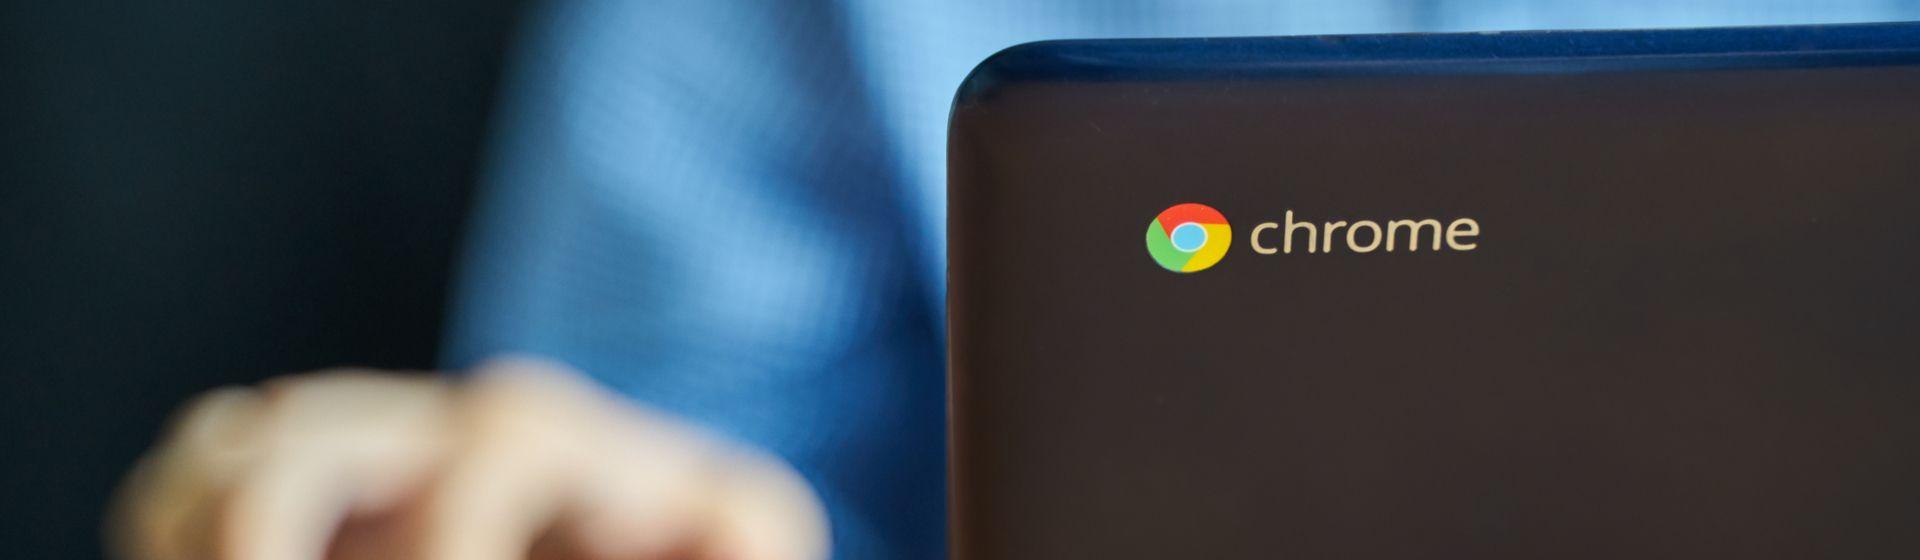 Melhor Chromebook Samsung: top 3 modelos para comprar em 2021